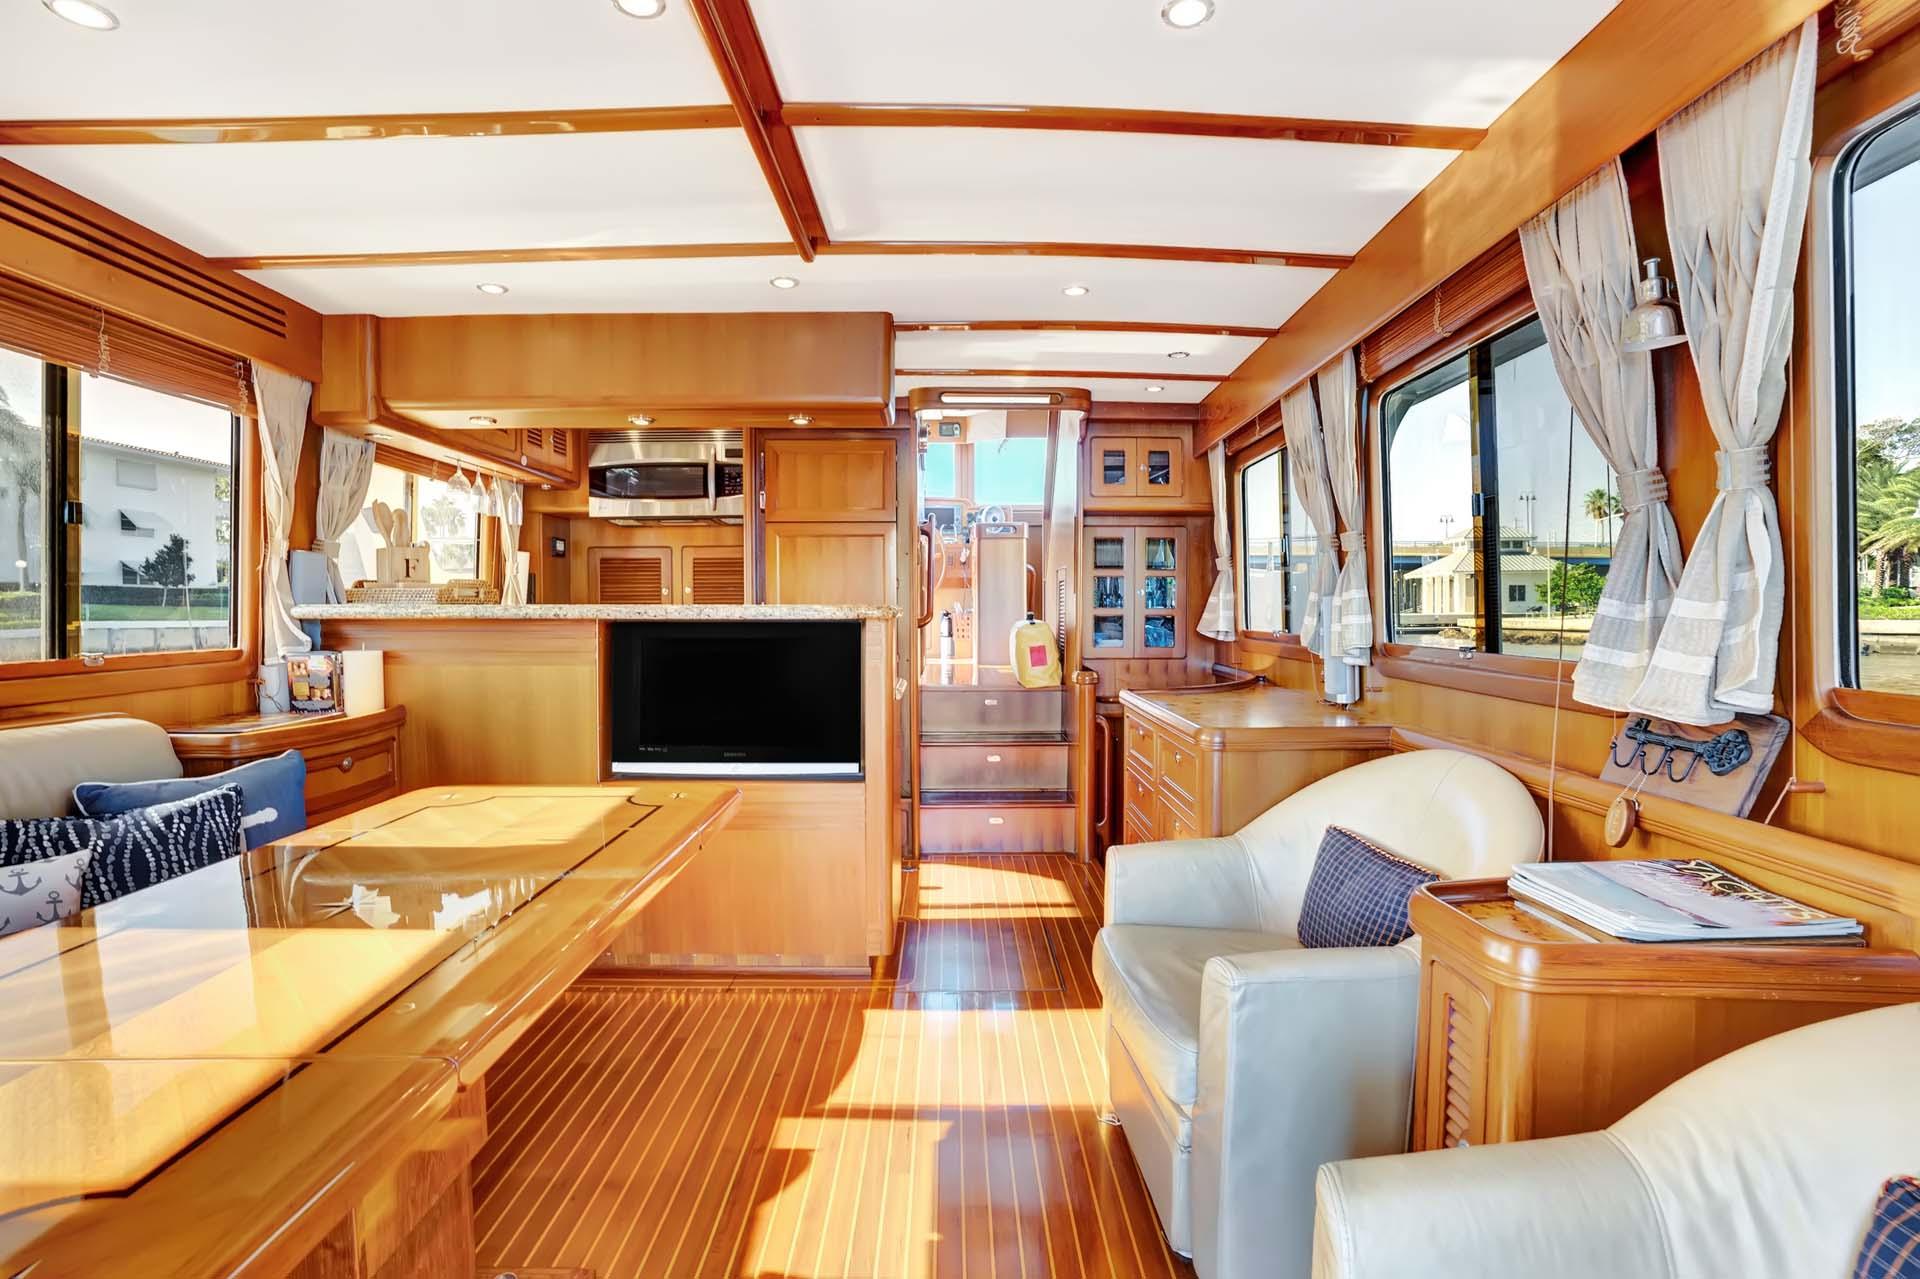 2007-53-Selene-trawler-Fellowship-for-sale-3.1